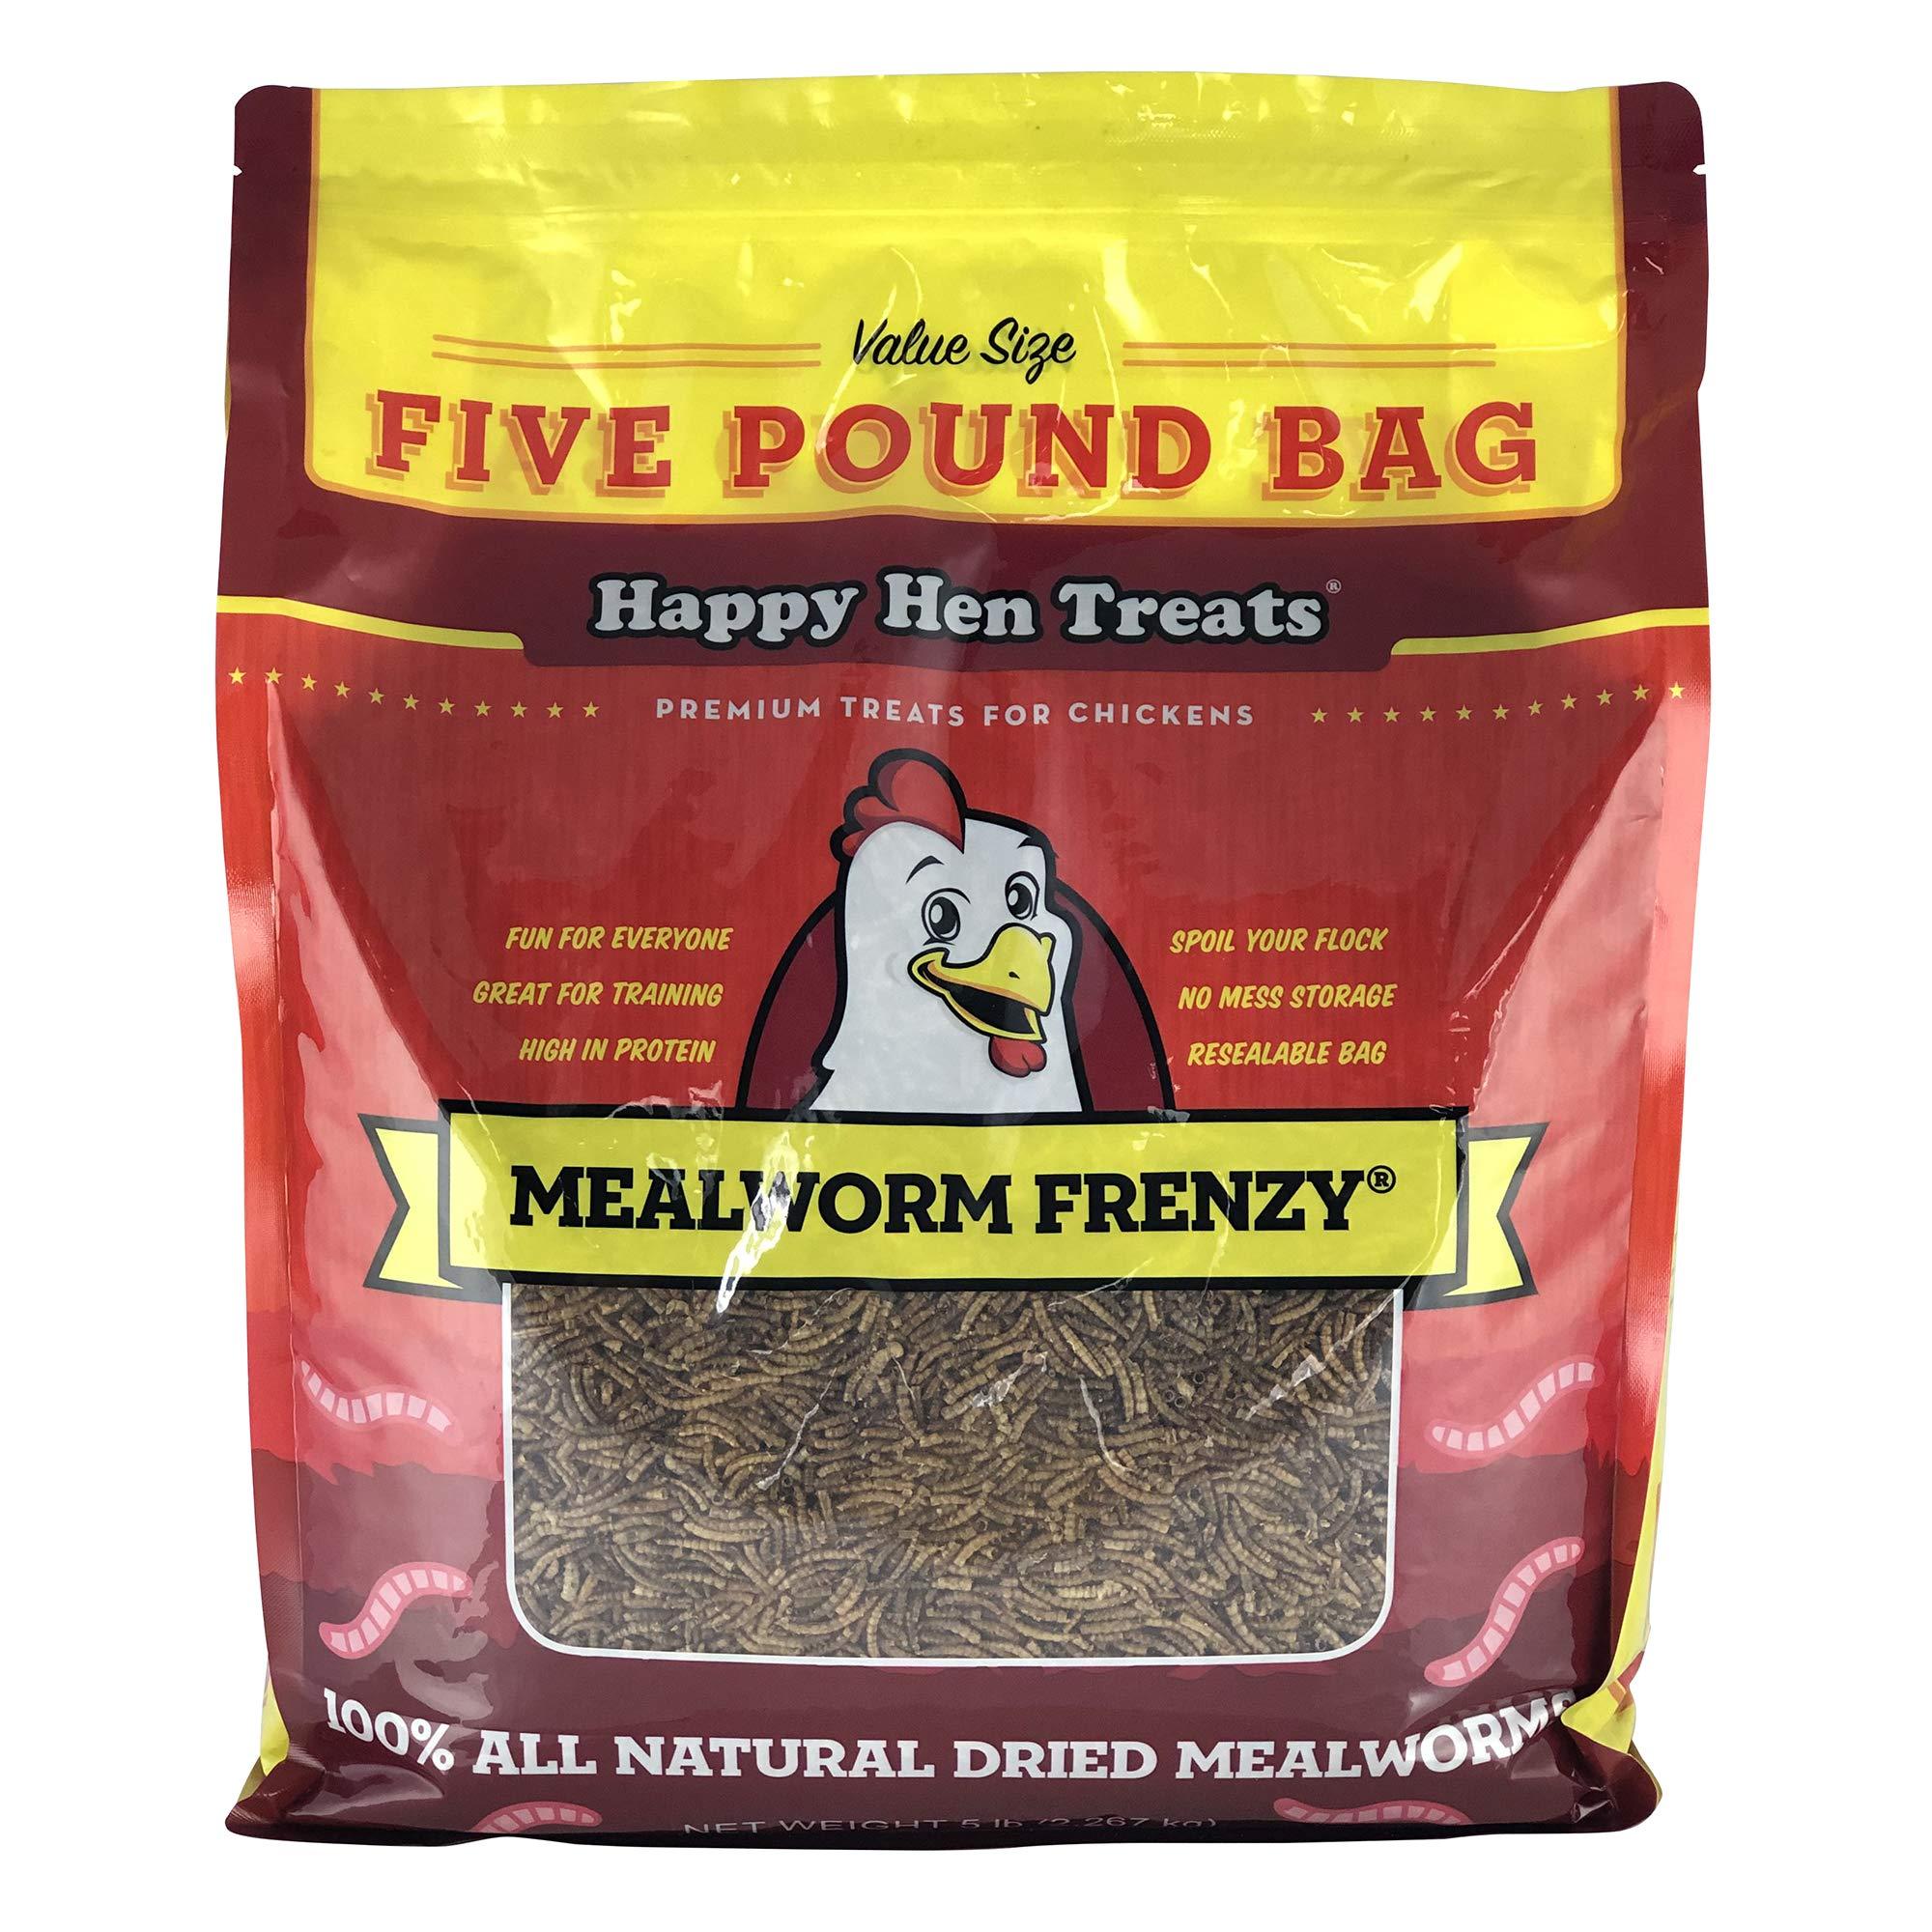 Happy Hen Treats Mealworm Frenzy Pet Treat (1 Pouch), 5 Lb by Happy Hen Treats